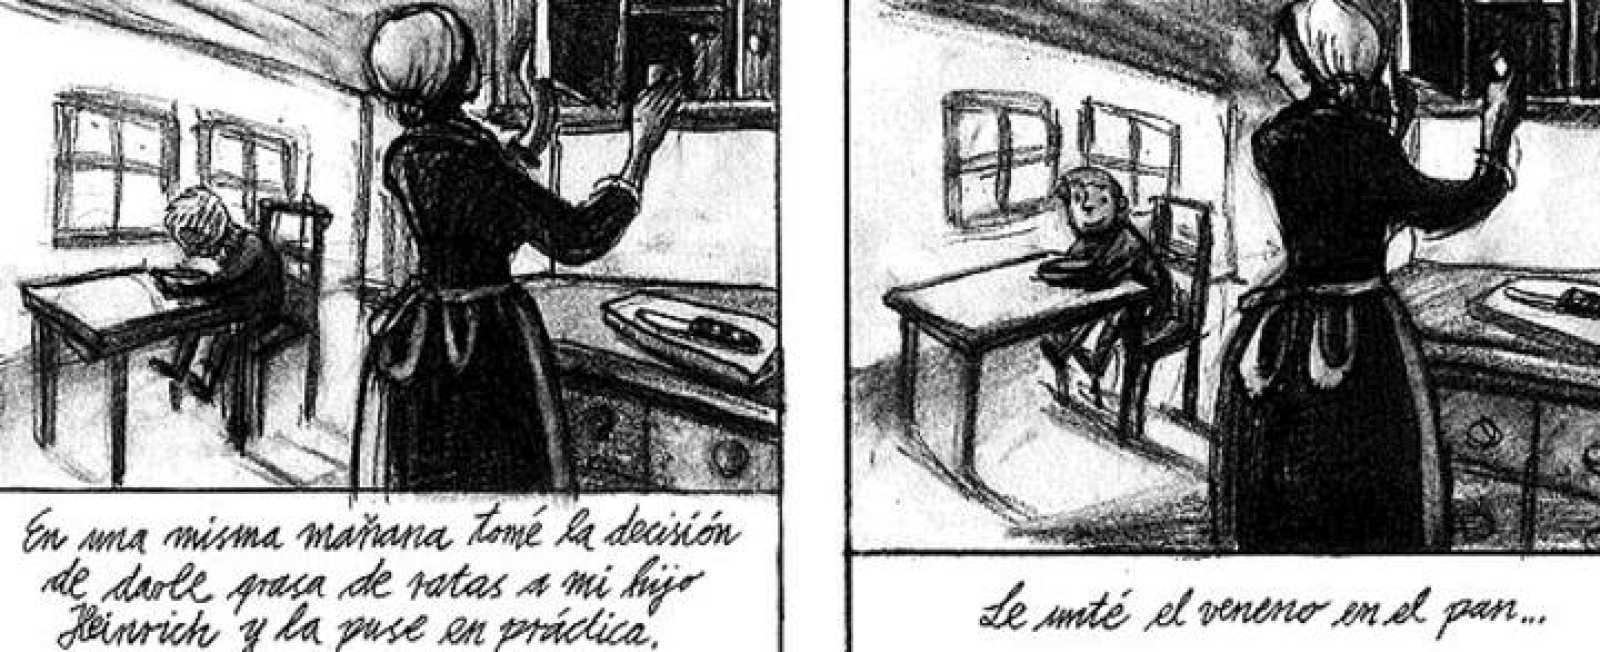 Viñetas de 'Veneno', de Peer Meter y Barbara Yelin